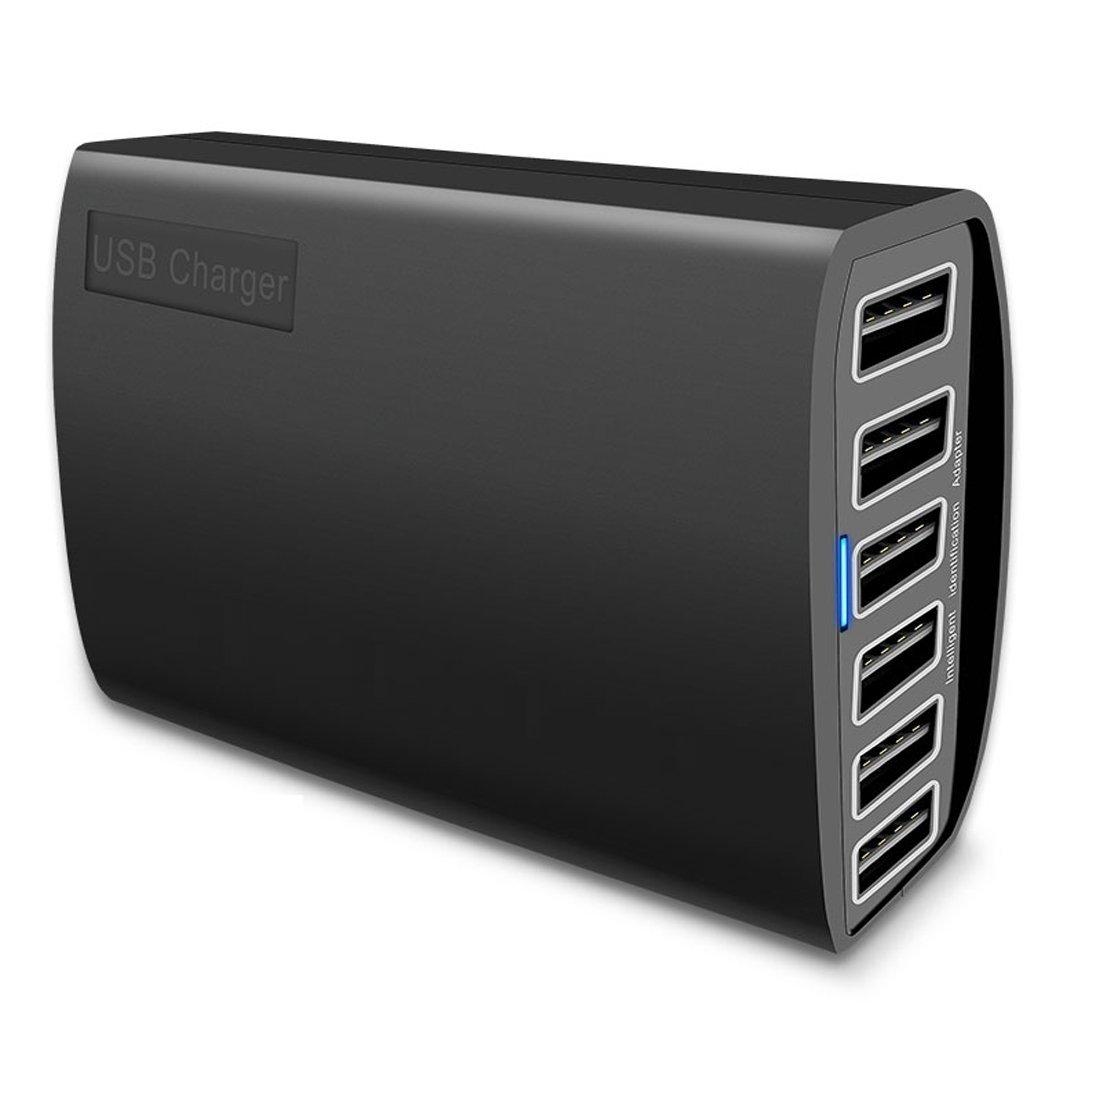 USB Ladegerät amazon